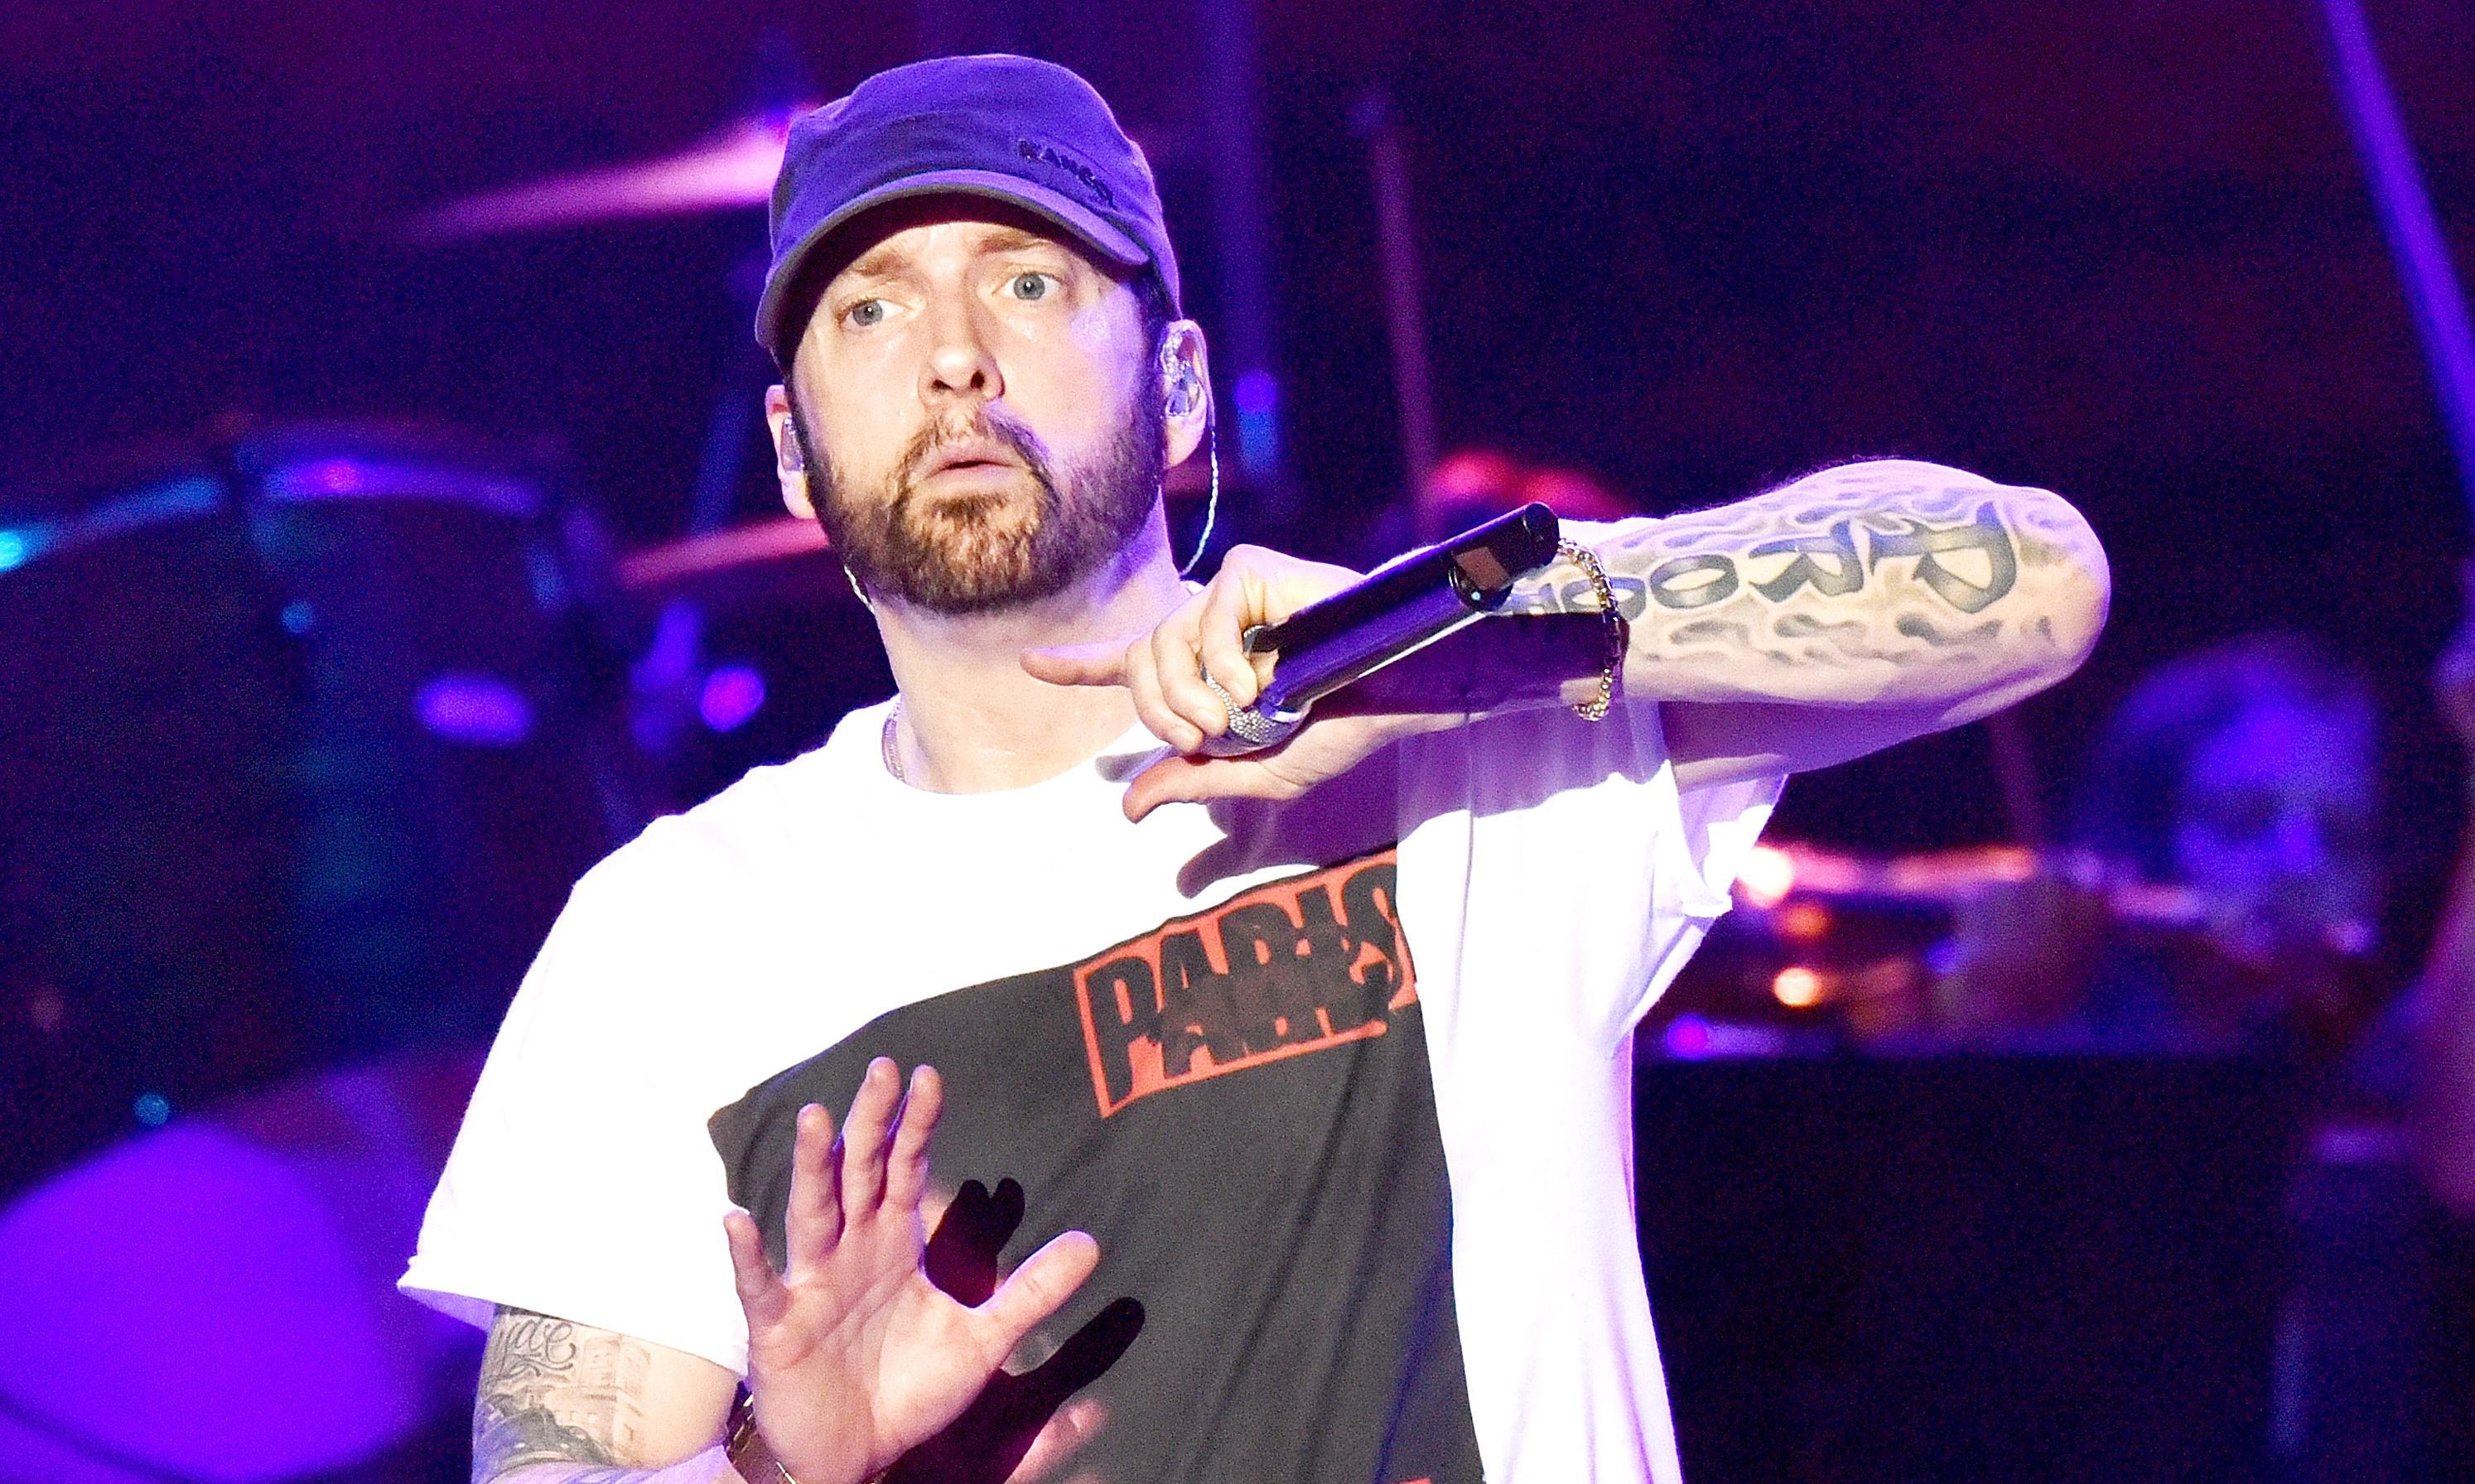 Eminem faces backlash after comparing himself to Manchester Arena bomber